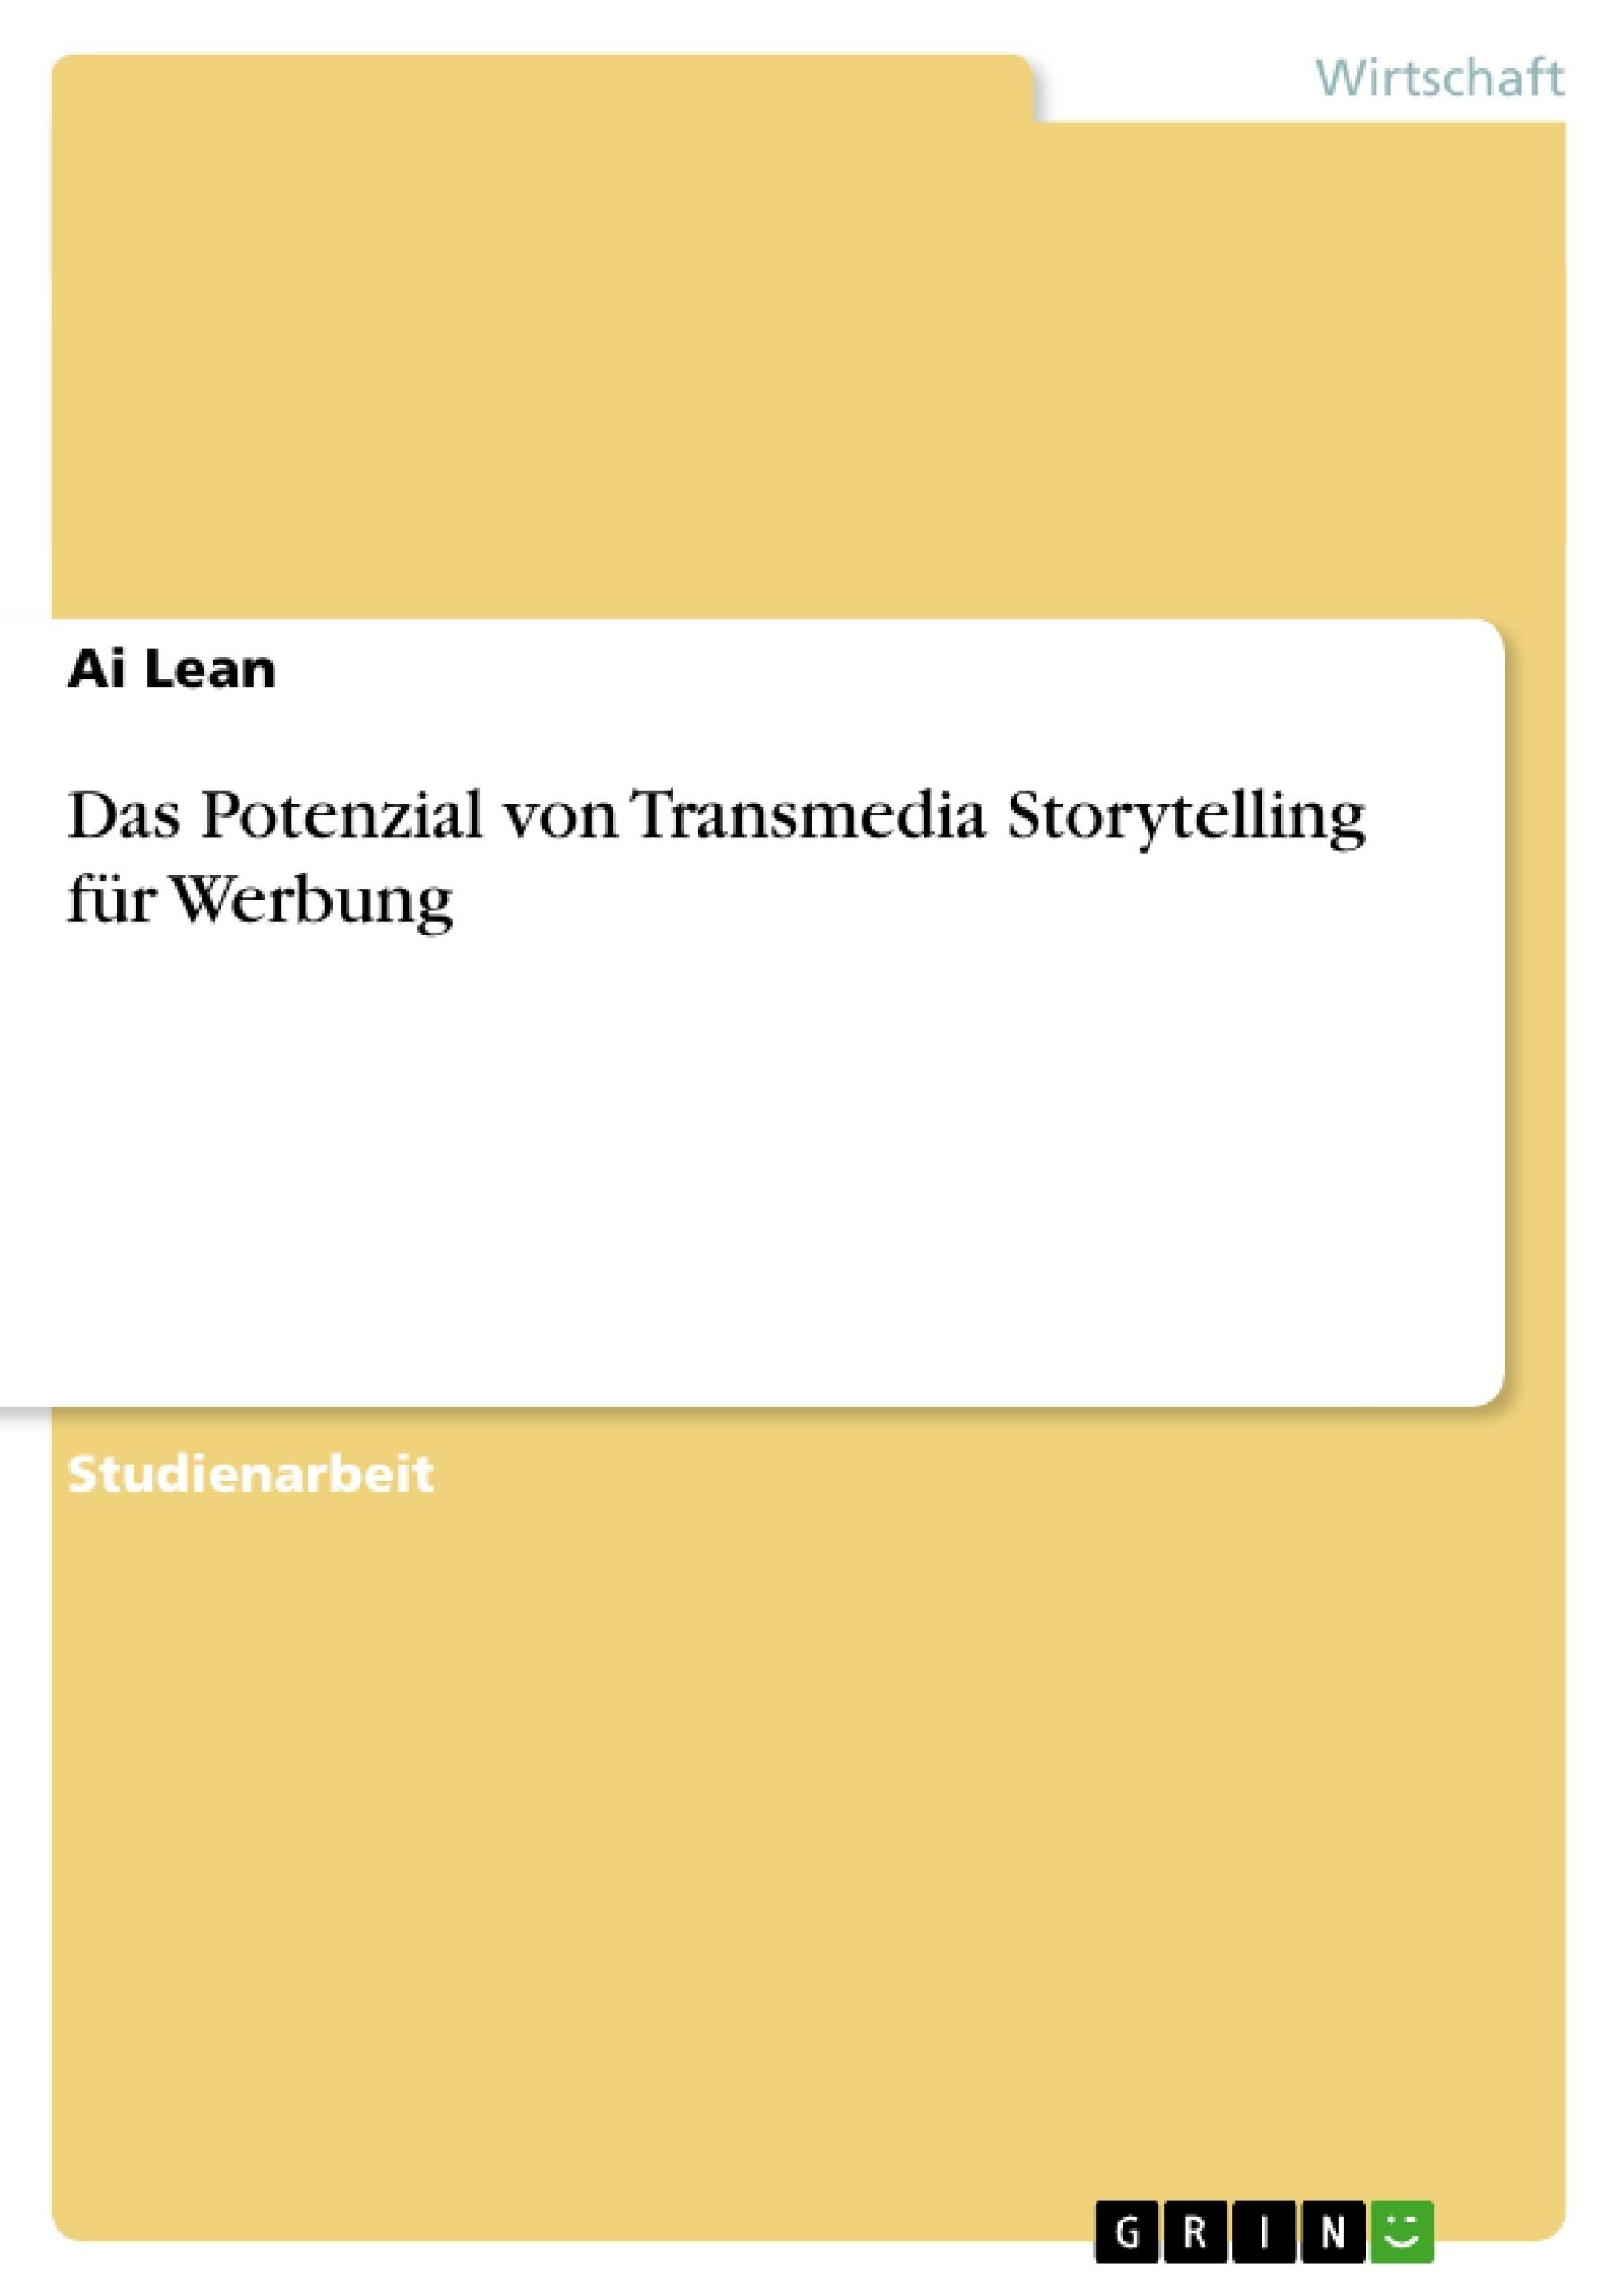 Titel: Das Potenzial von Transmedia Storytelling für Werbung